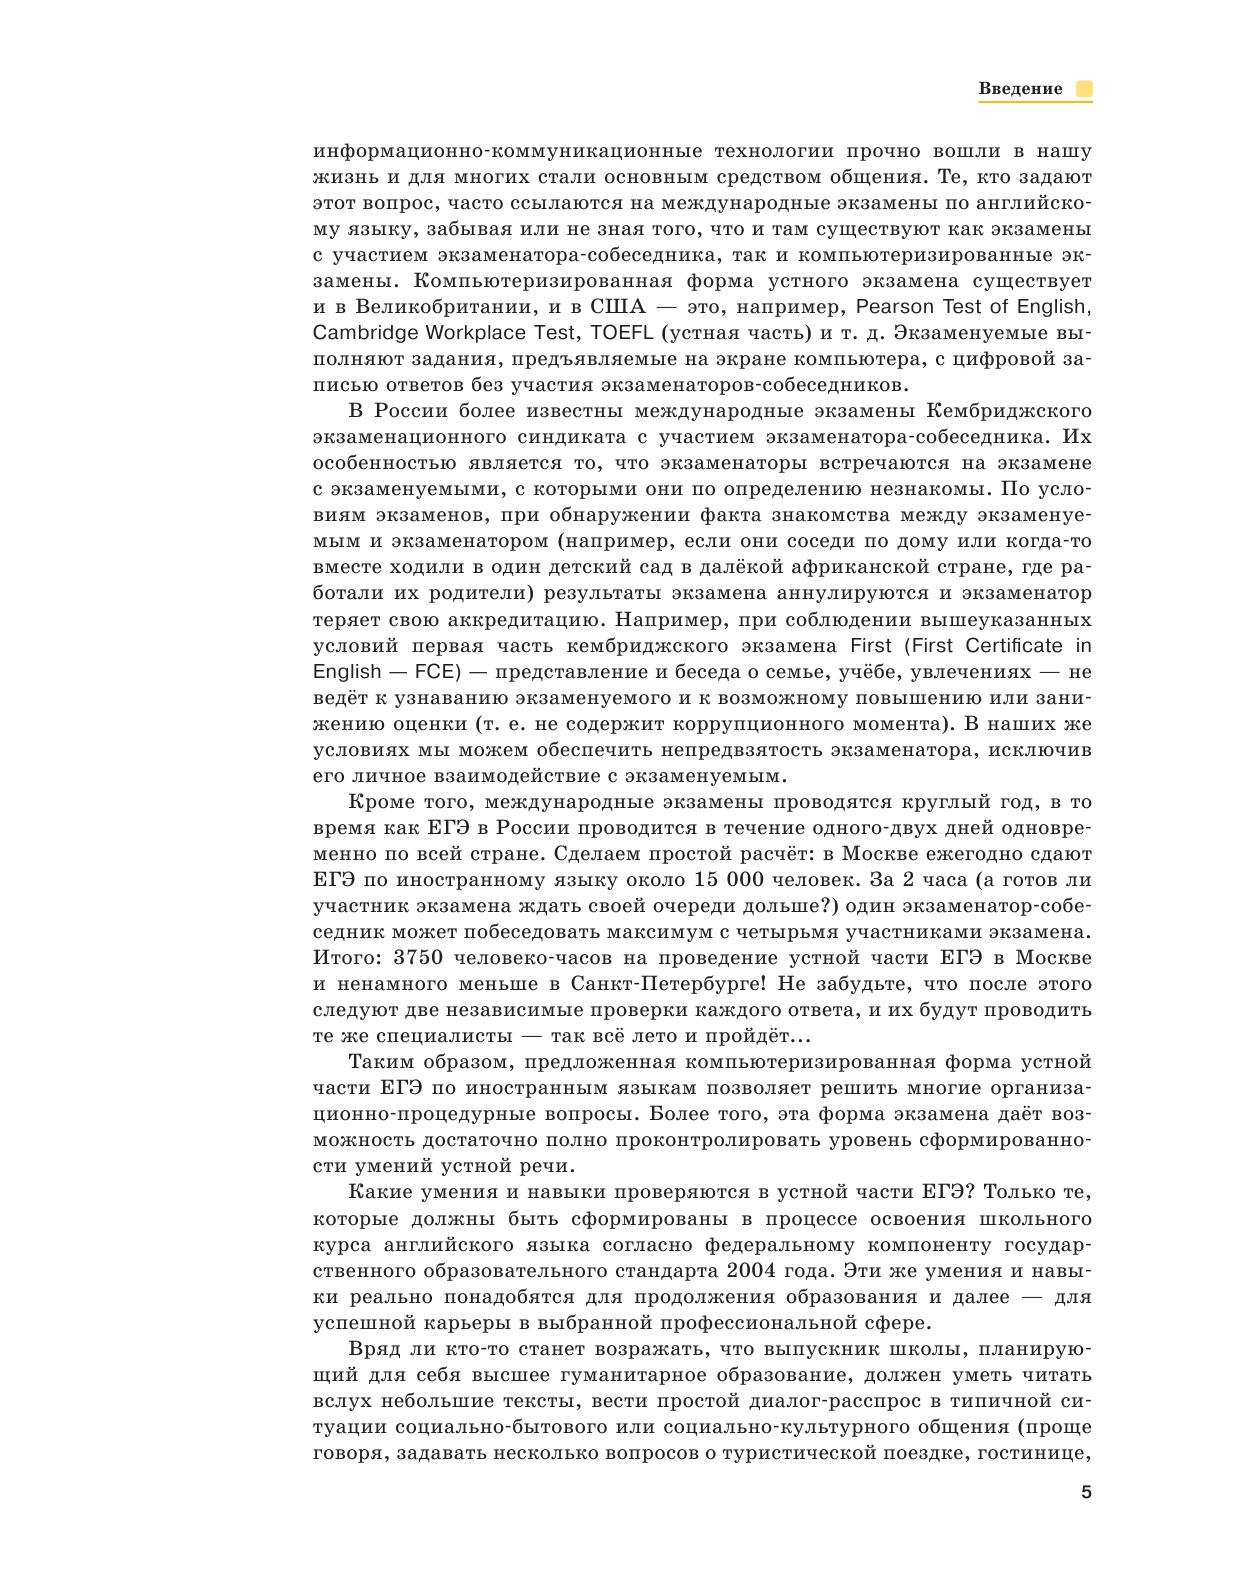 Устная часть ЕГЭ по английскому языку. 10–11классы. Практикум - страница 4